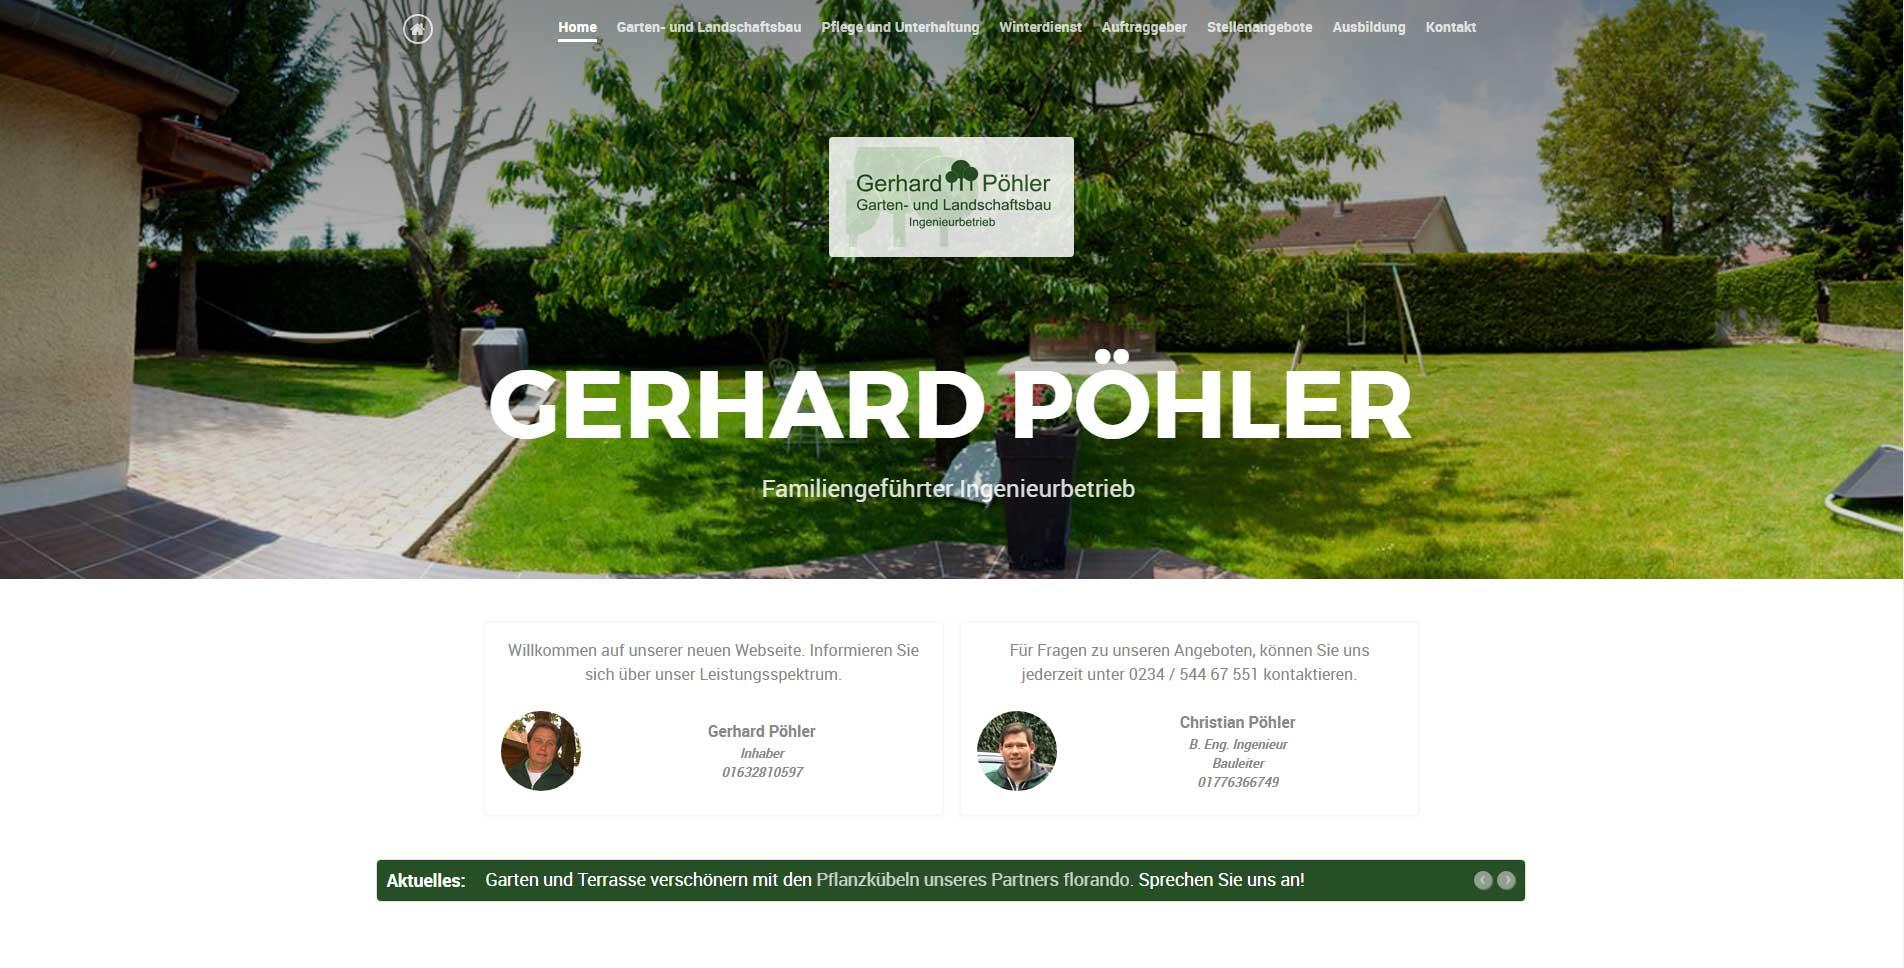 Gerhard p hler garten und landschaftsbau - Garten und landschaftsbau bochum ...